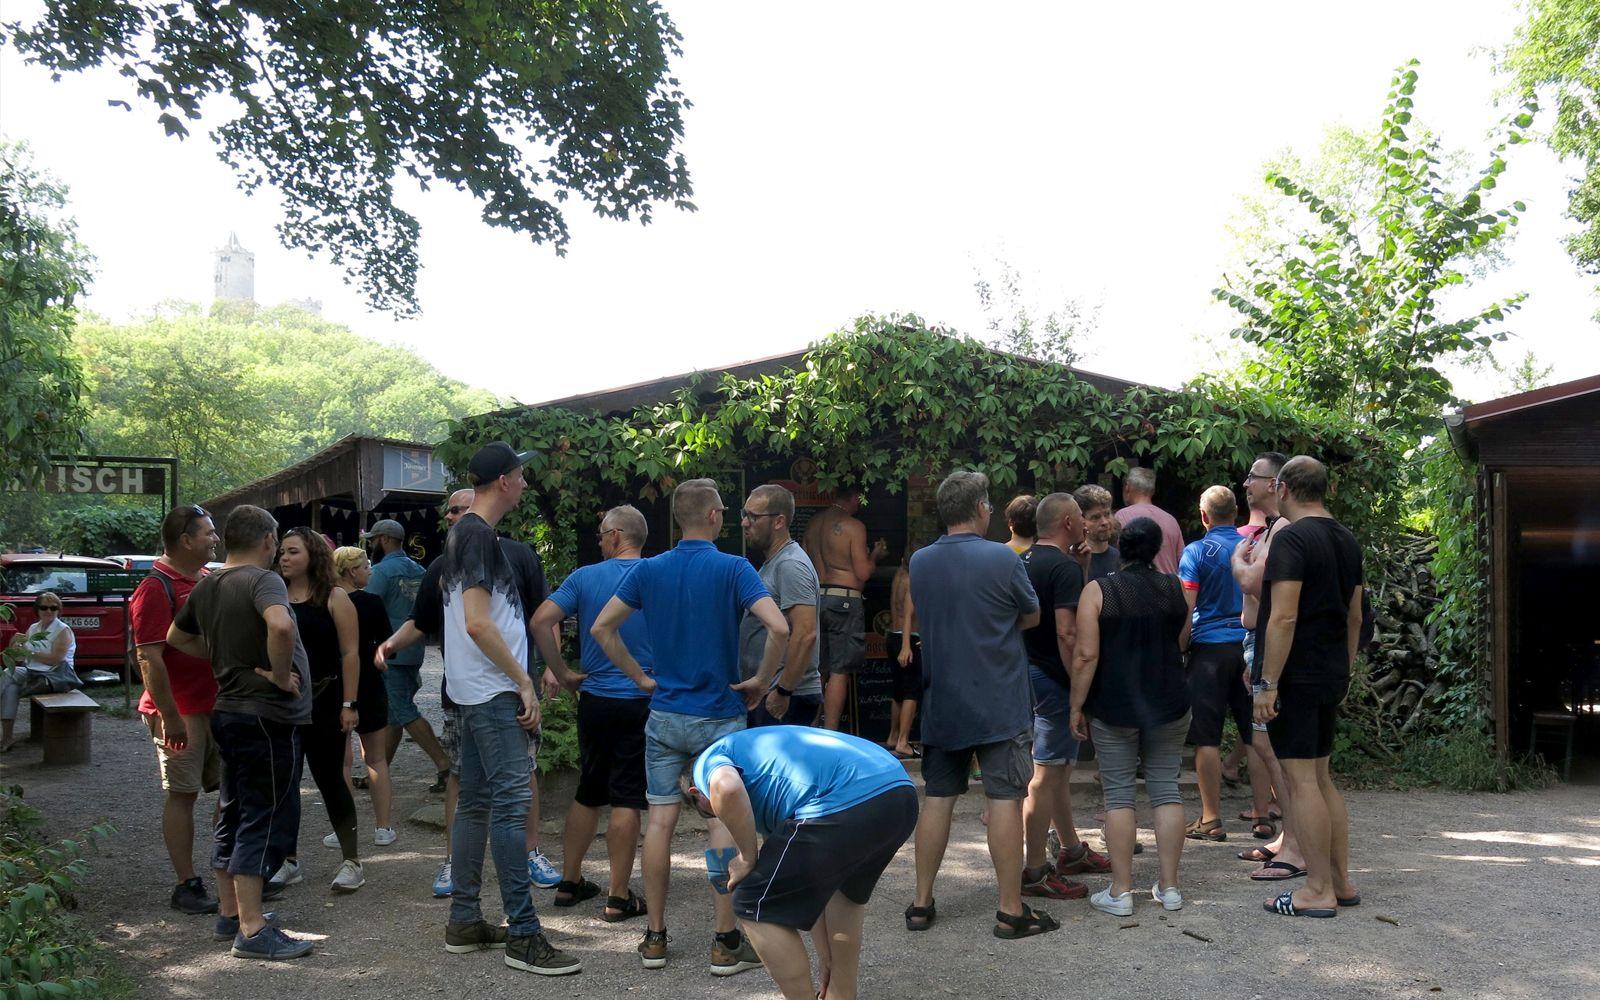 ©Foto: Erik Liebetruth | Railmen-Tag 2019 | Rafting-Tour | Am Fuße der Rudelsburg